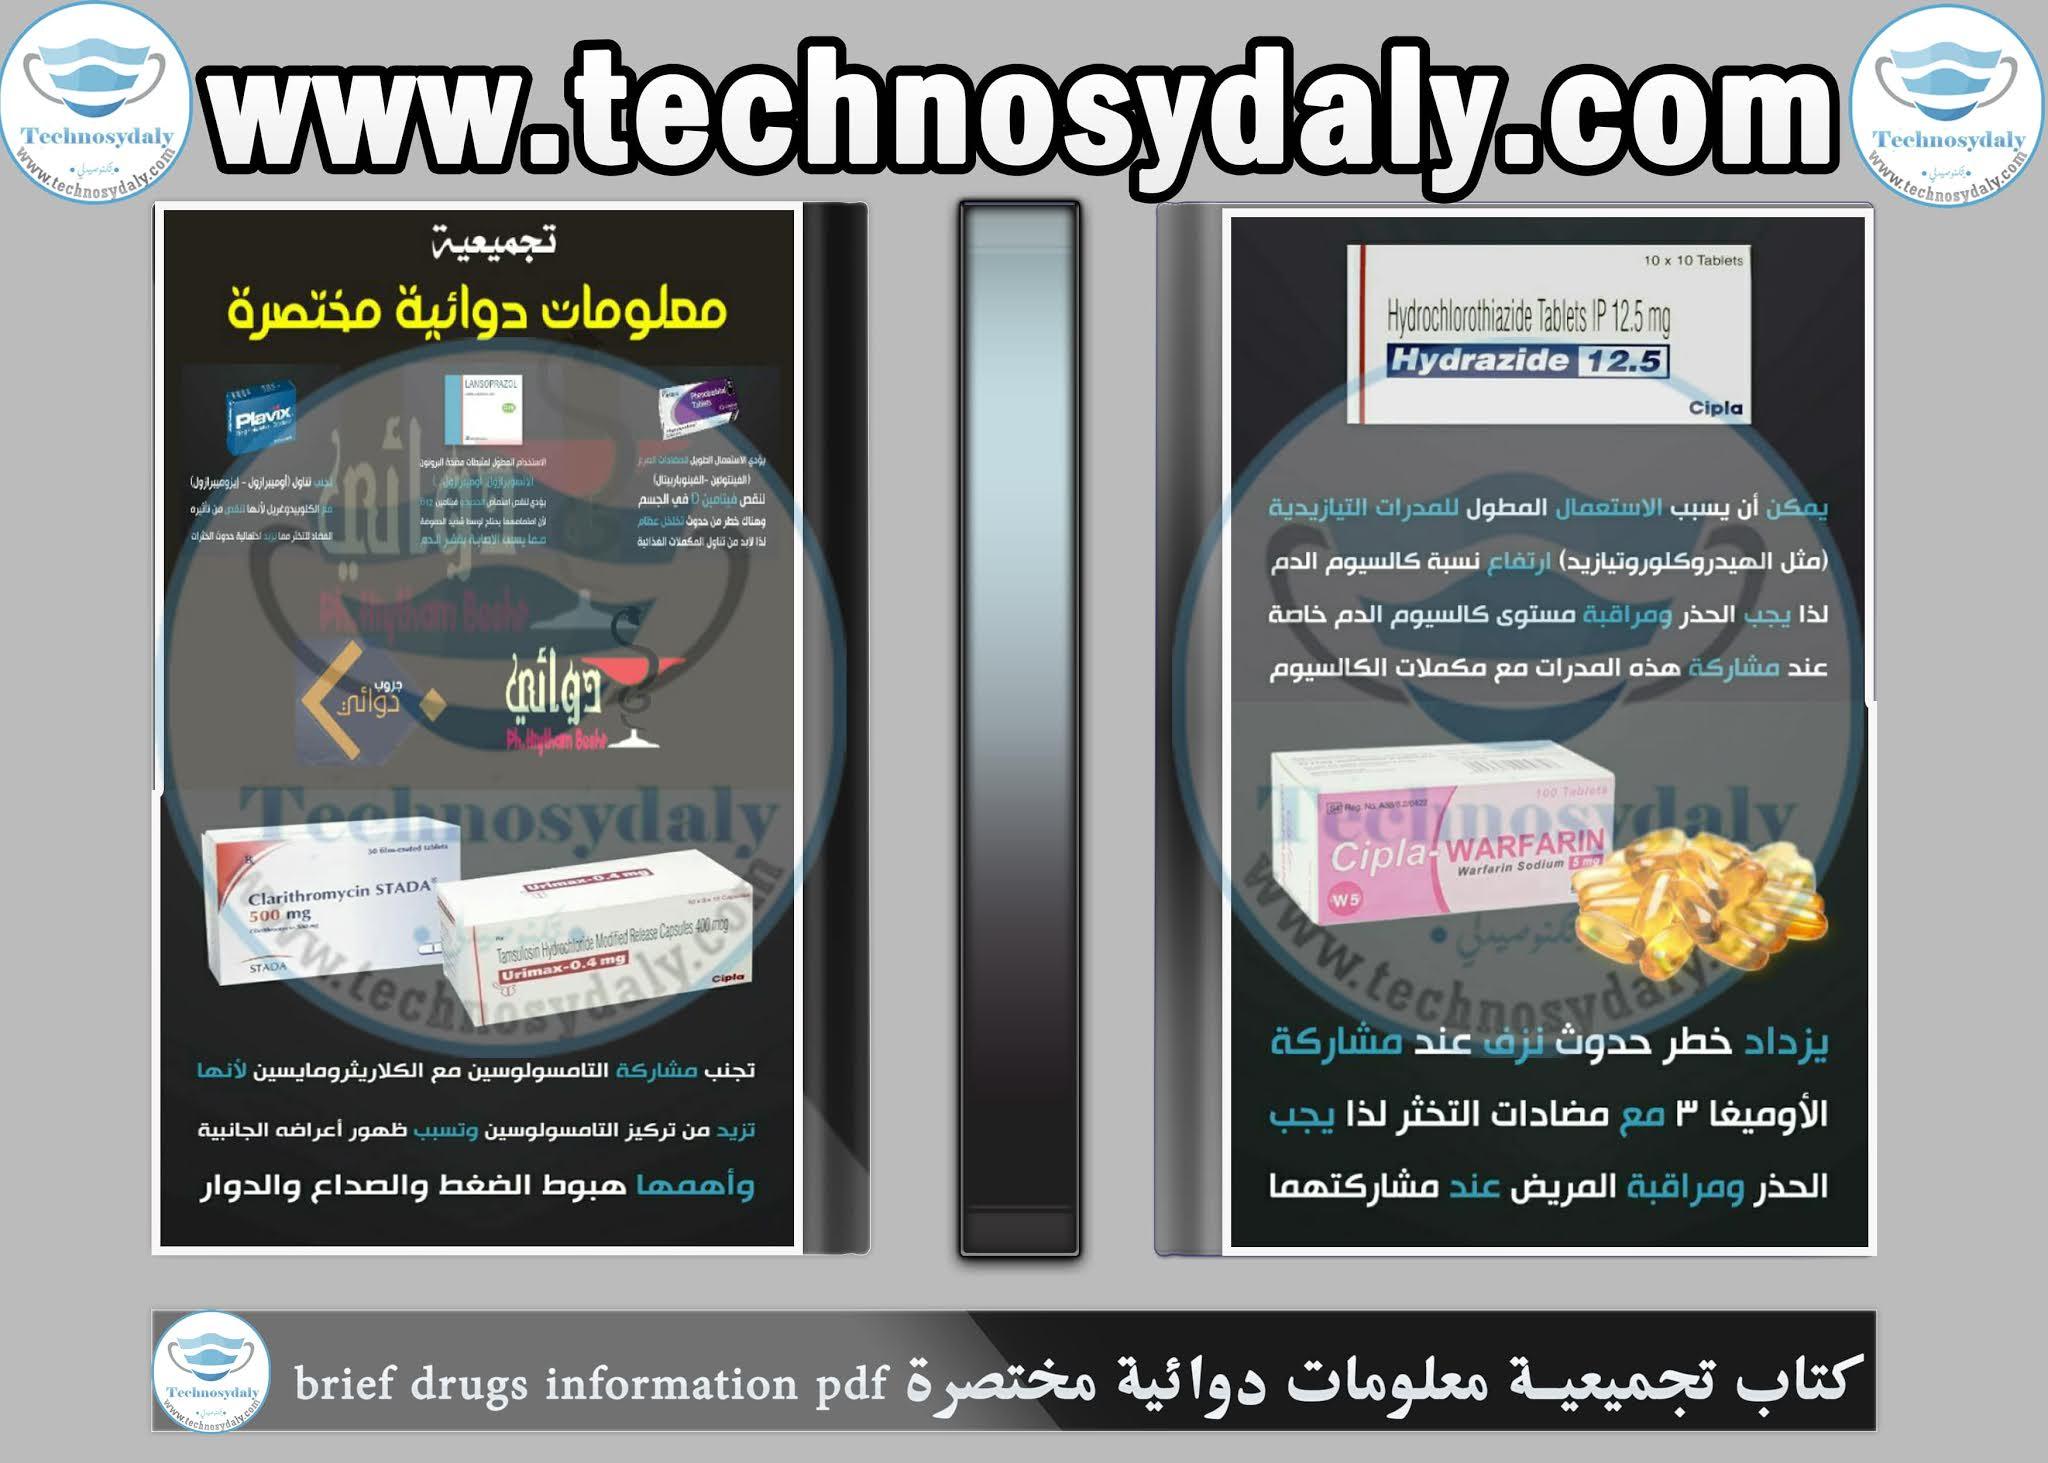 كتاب تجميعية معلومات دوائية مختصرة brief drugs information pdf